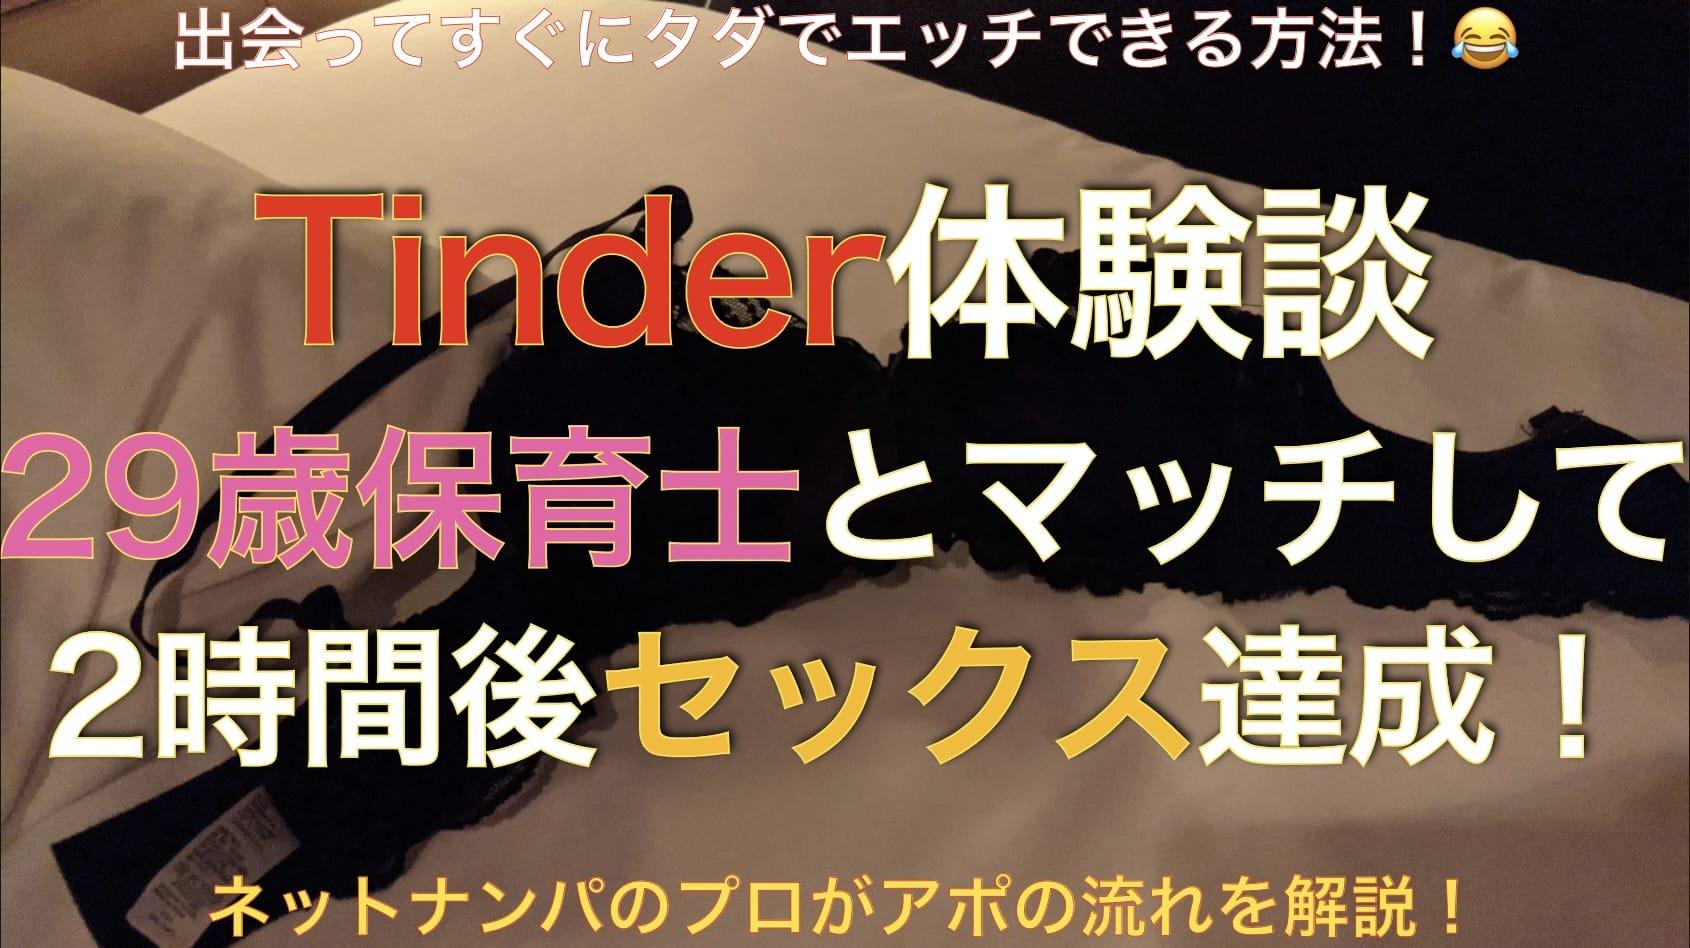 【Tinder即!】29歳スレンダースタイル抜群保育士とマッチして2時間後にセックスしたよ。サムネイル画像